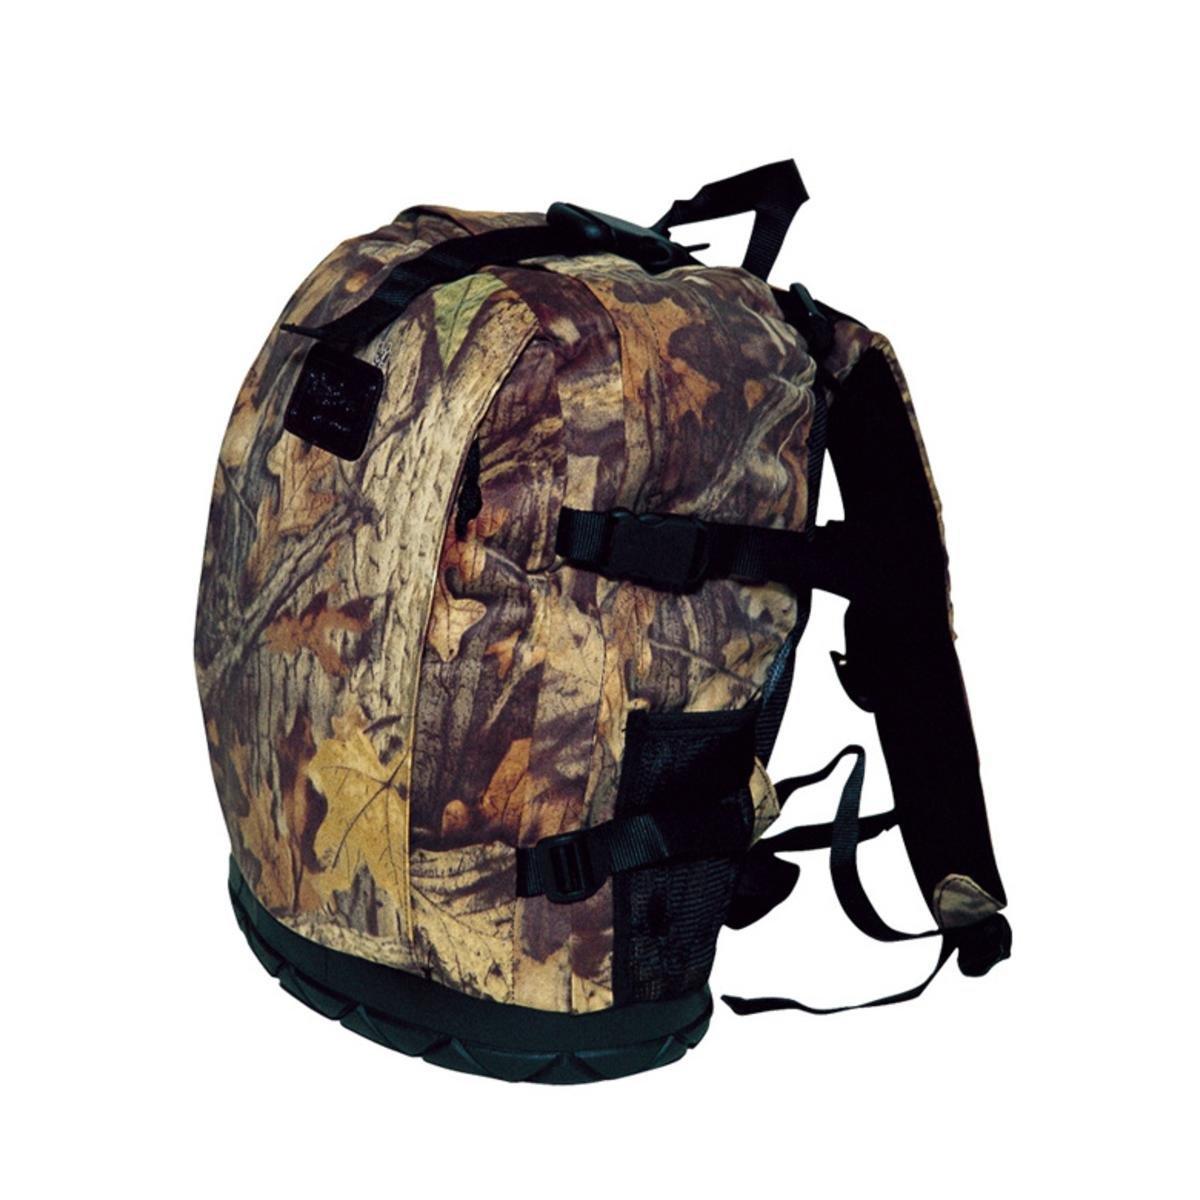 Napier Ranger Bag 3 30L